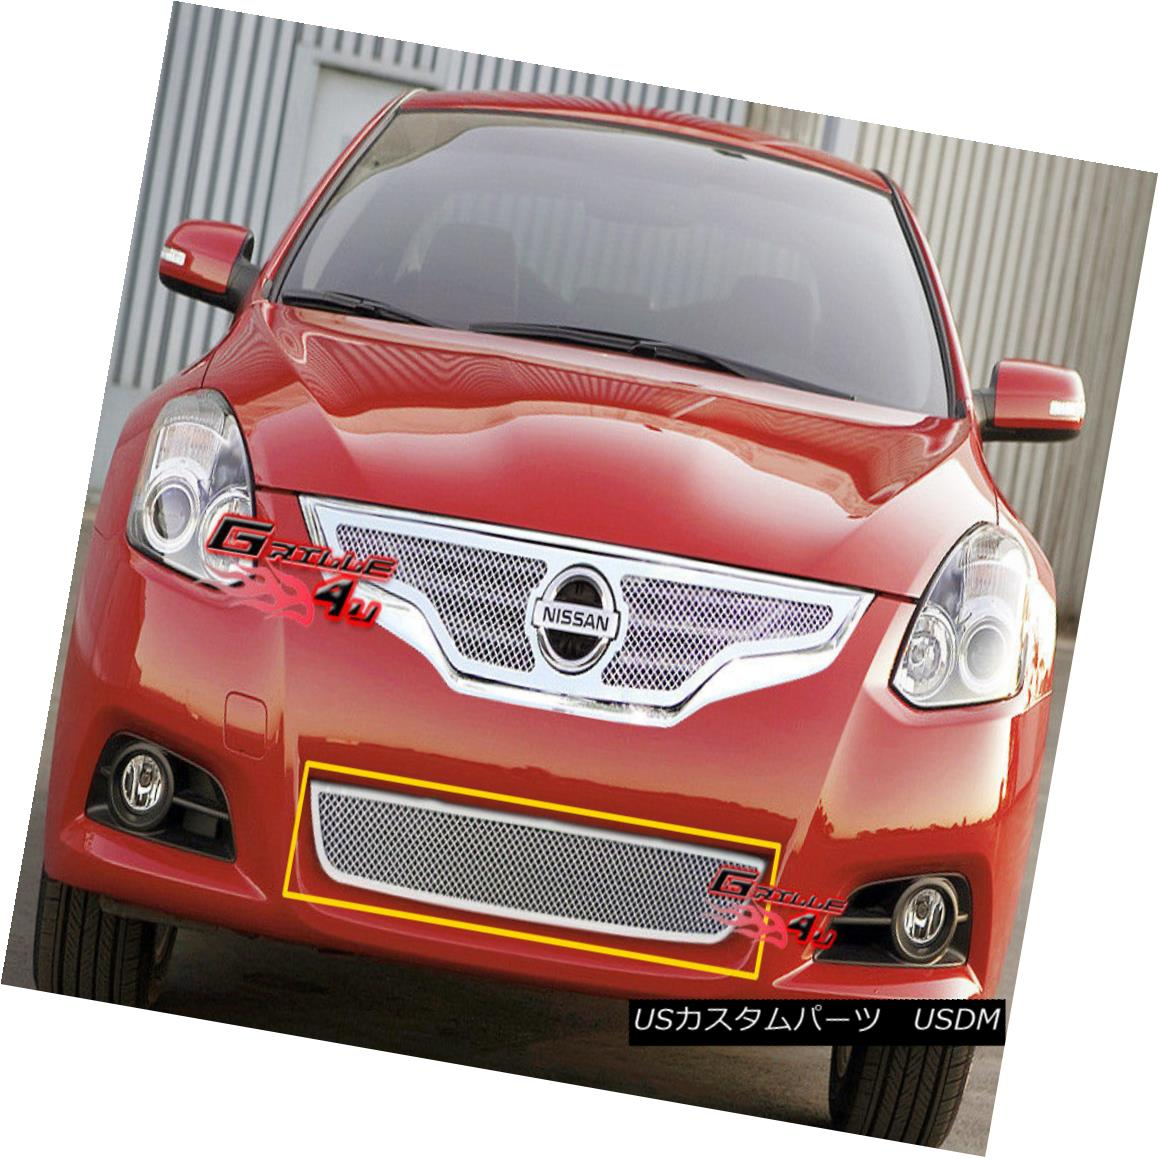 グリル For 10-12 Nissan Altima Coupe Bumper Stainless Mesh Grille 10-12日産アルティマクーペバンパーステンレスメッシュグリル